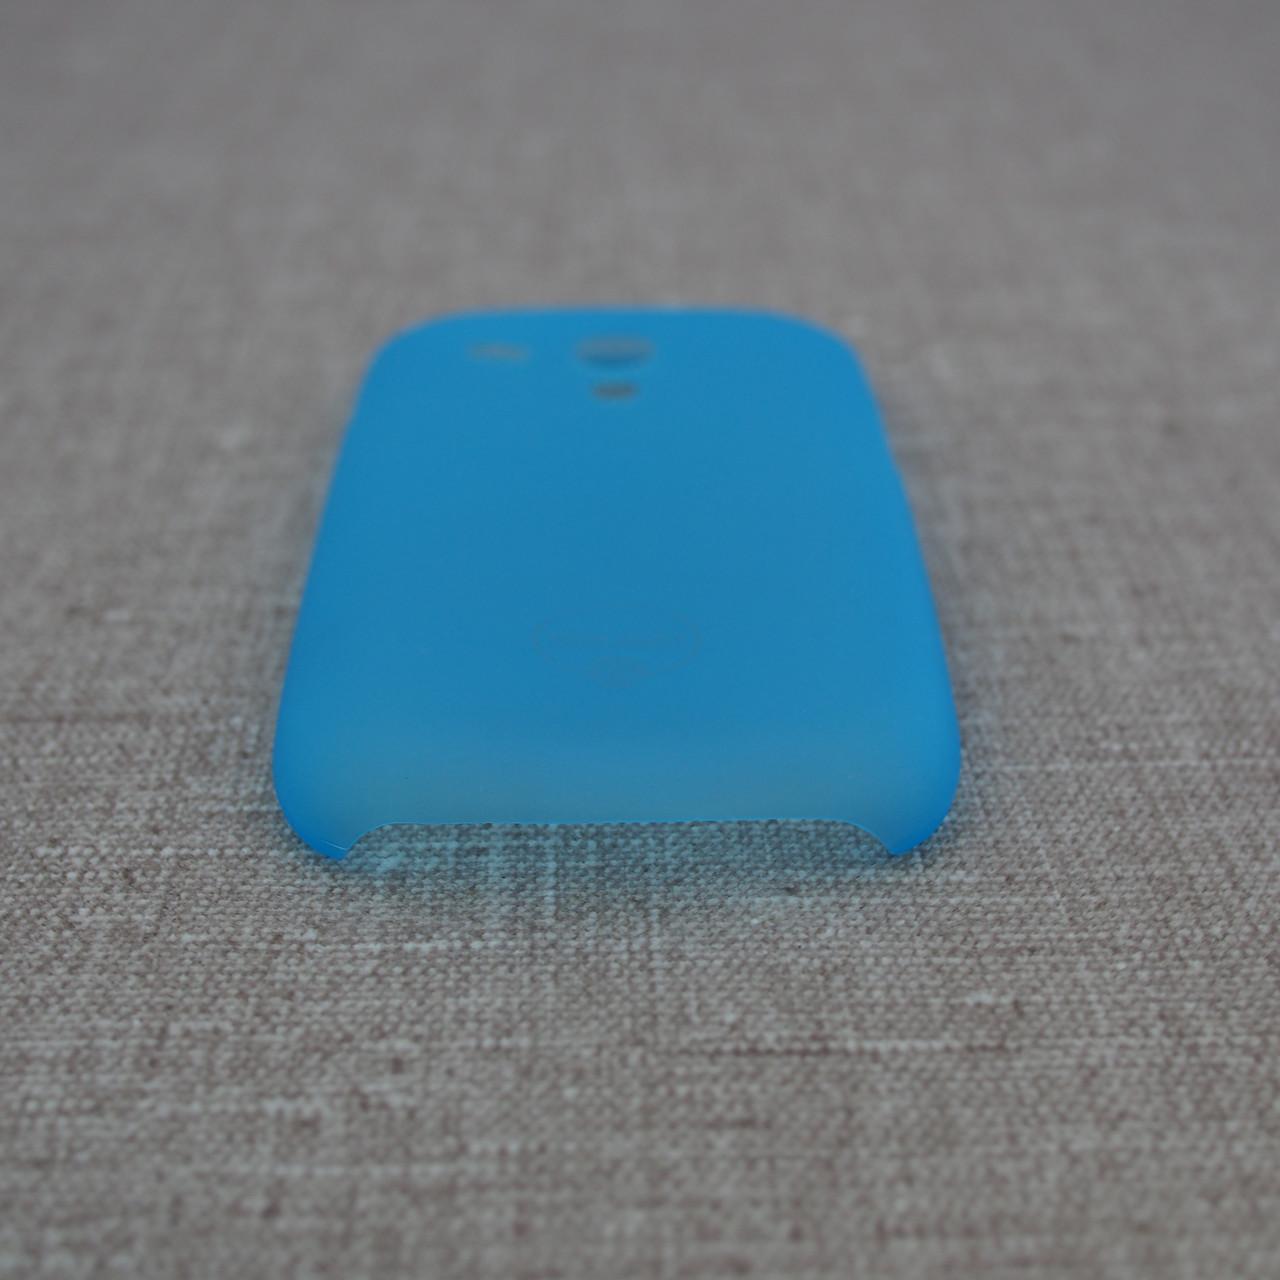 Чехлы для Galaxy S Series (остальные модели) Ozaki O!Coat 0.4 Samsung S3 mini Jelly light-blue